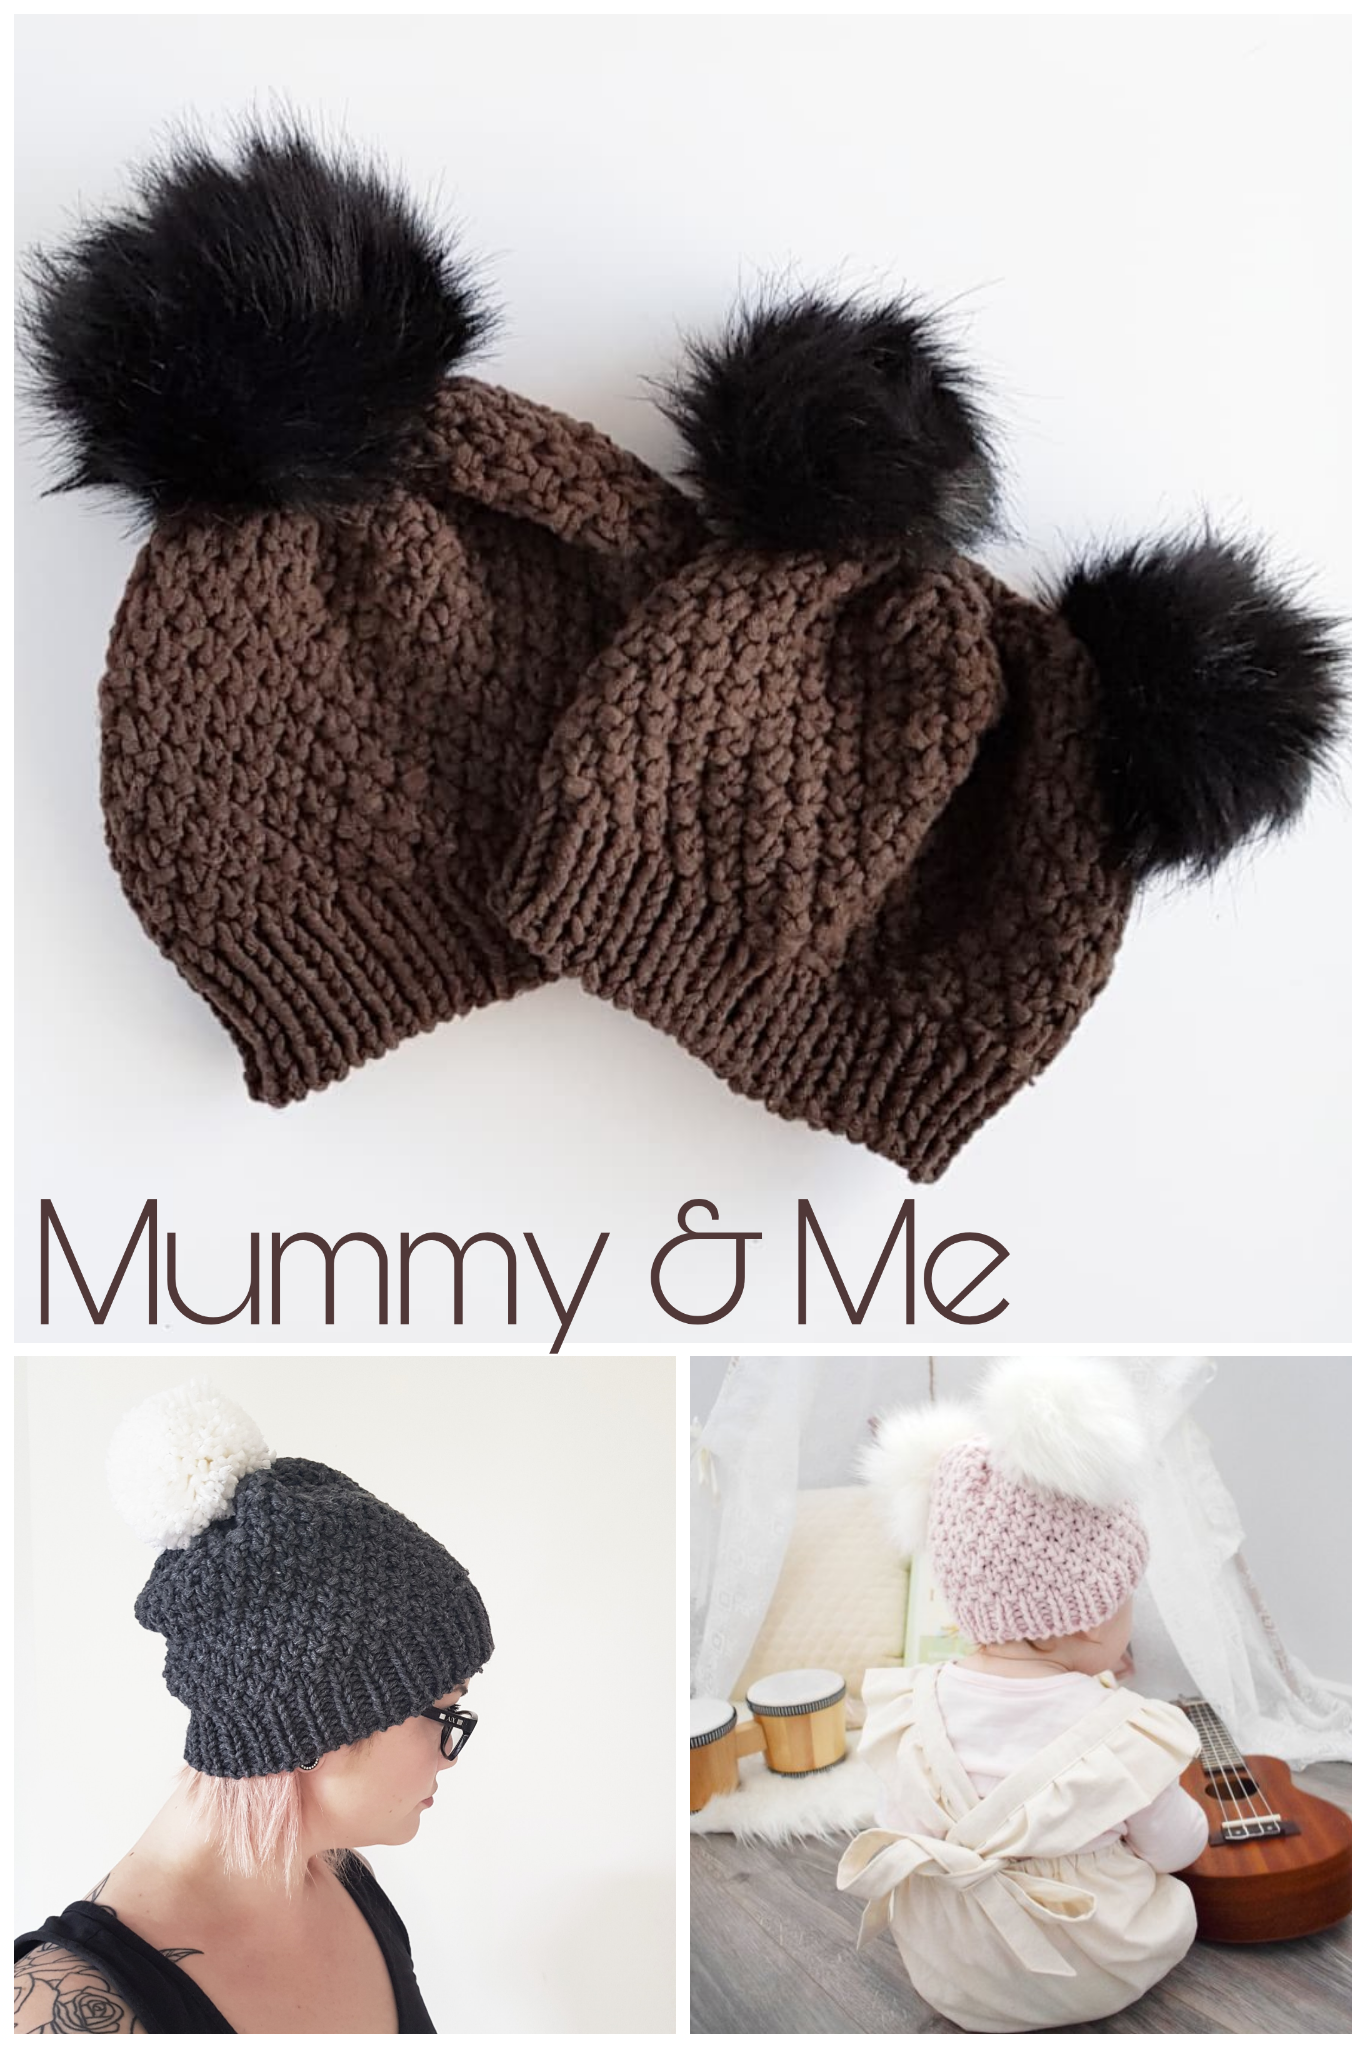 9a1f44bfc4bc43 PATTERN ONLY - Mummy & Me Chunky Knit Stephanie beanie. Newborn to ...